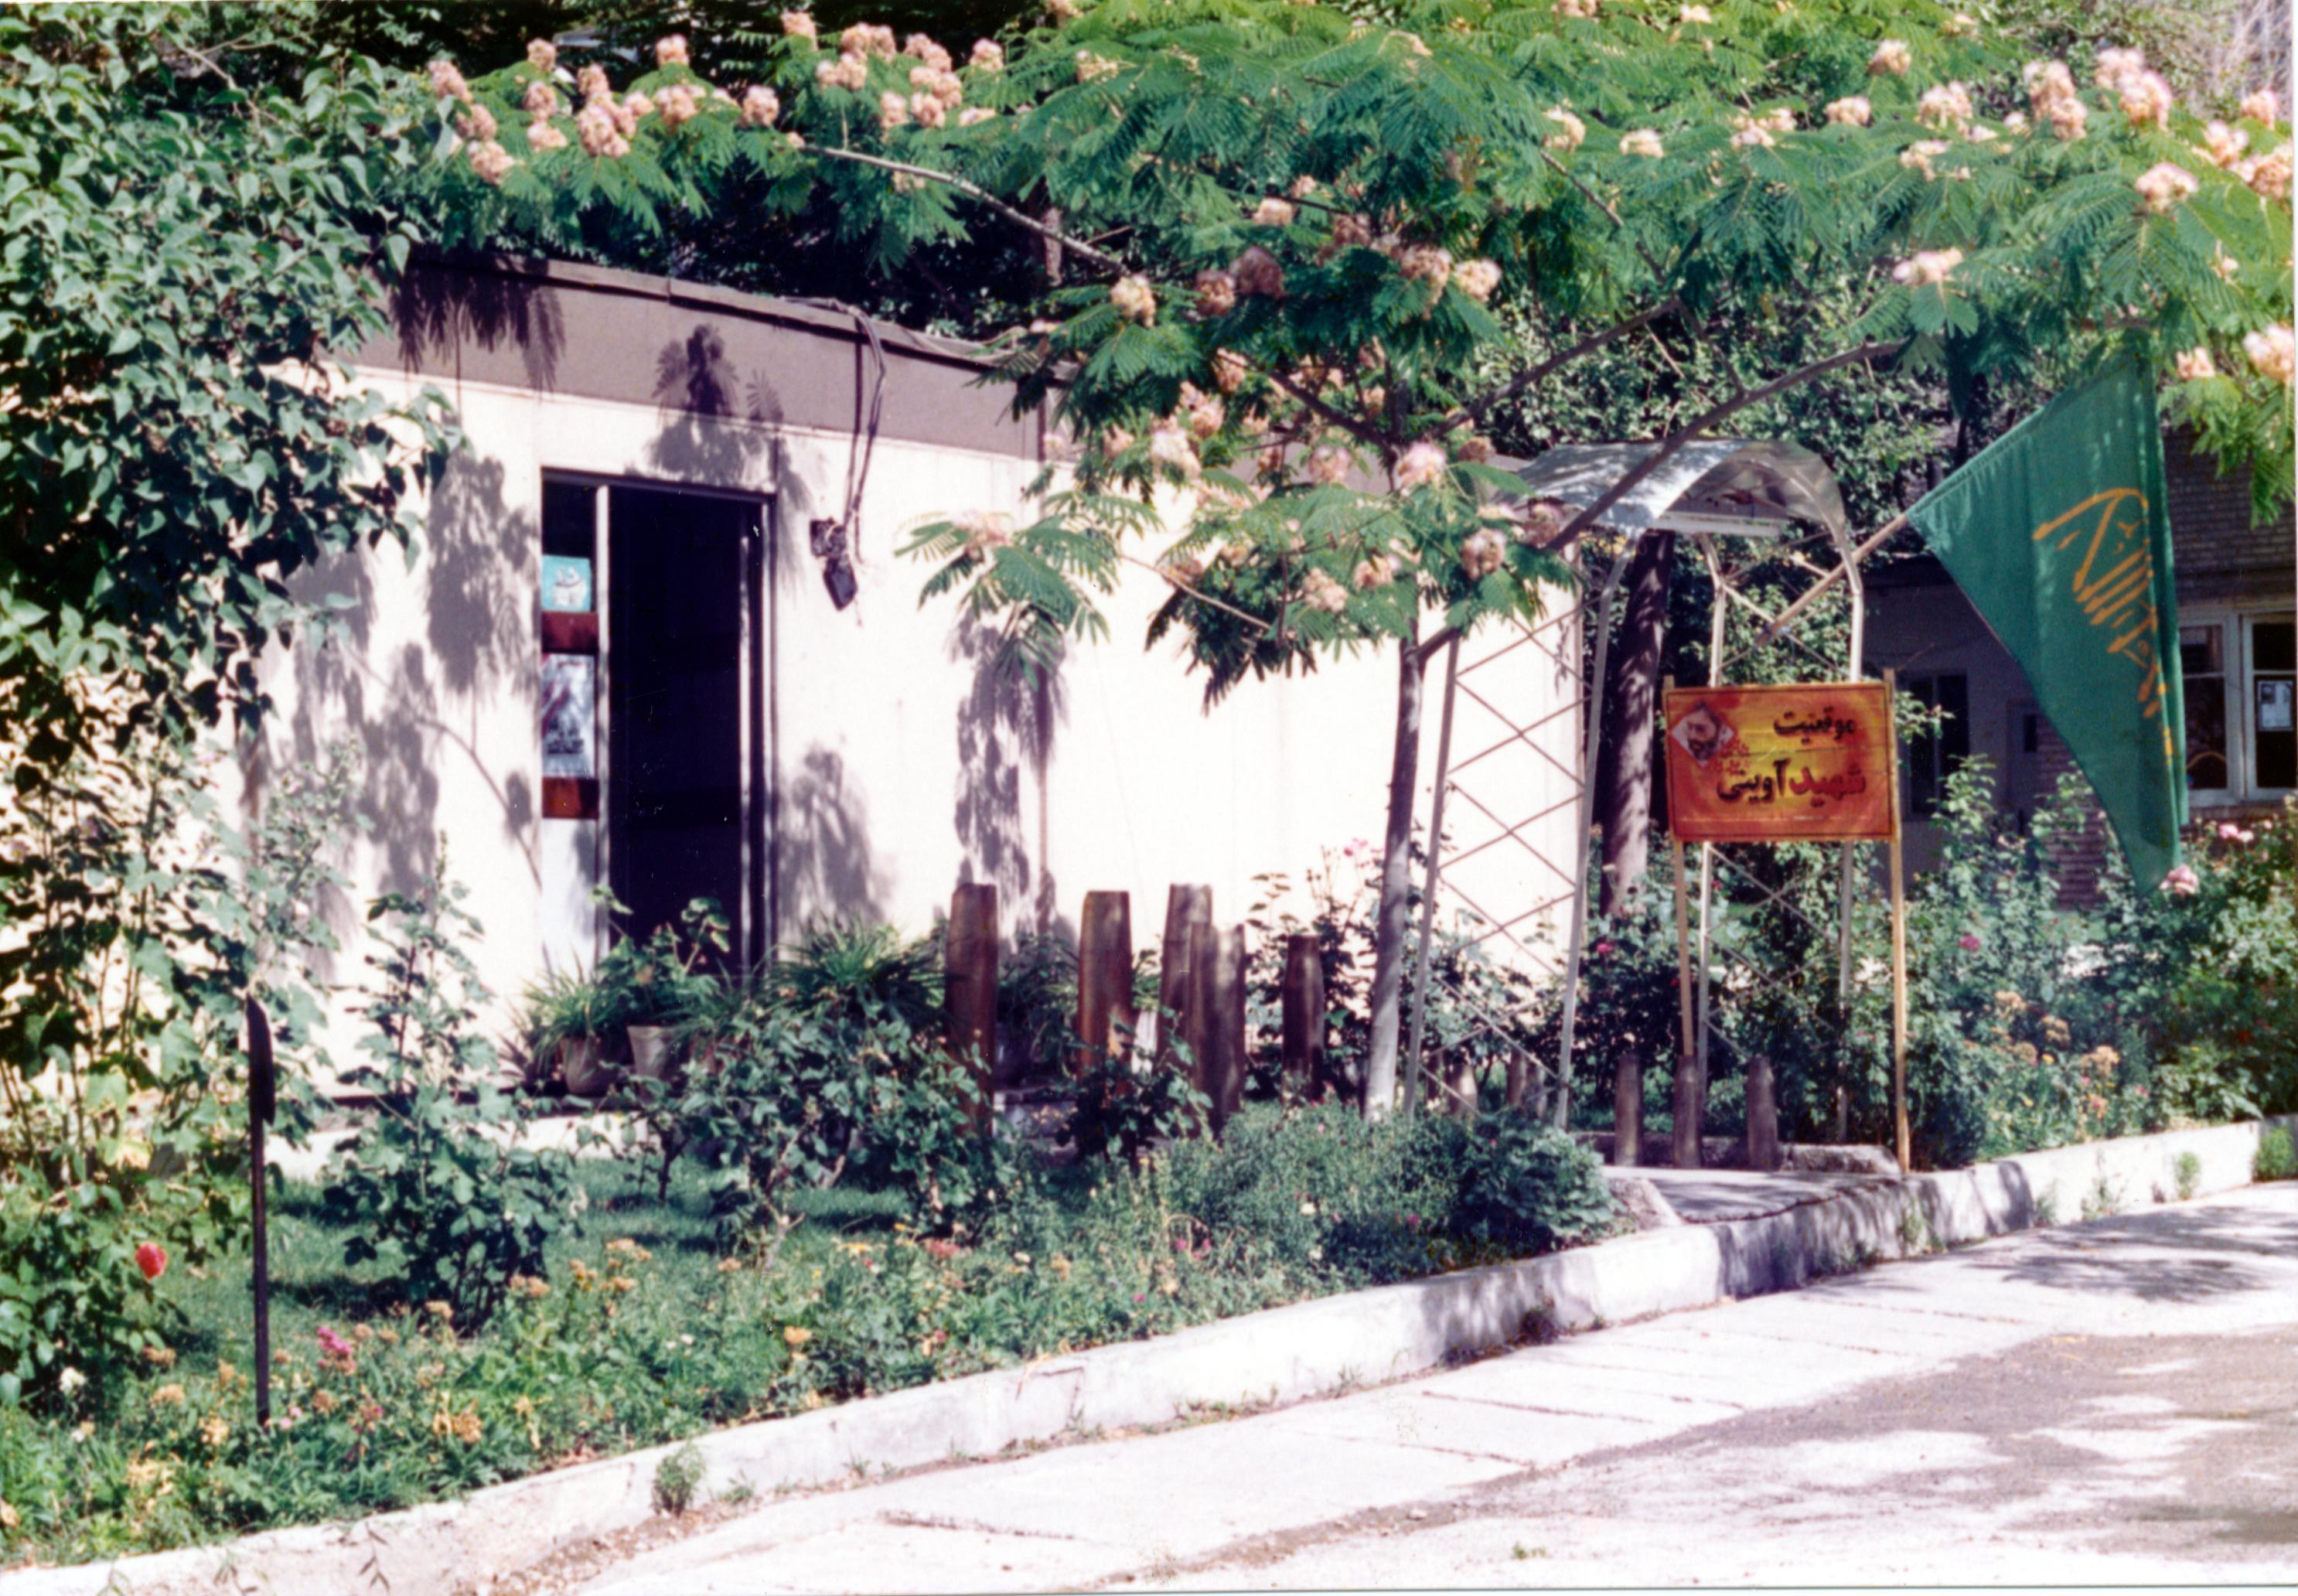 http://davodabadi.persiangig.com/1-daftar.jpg